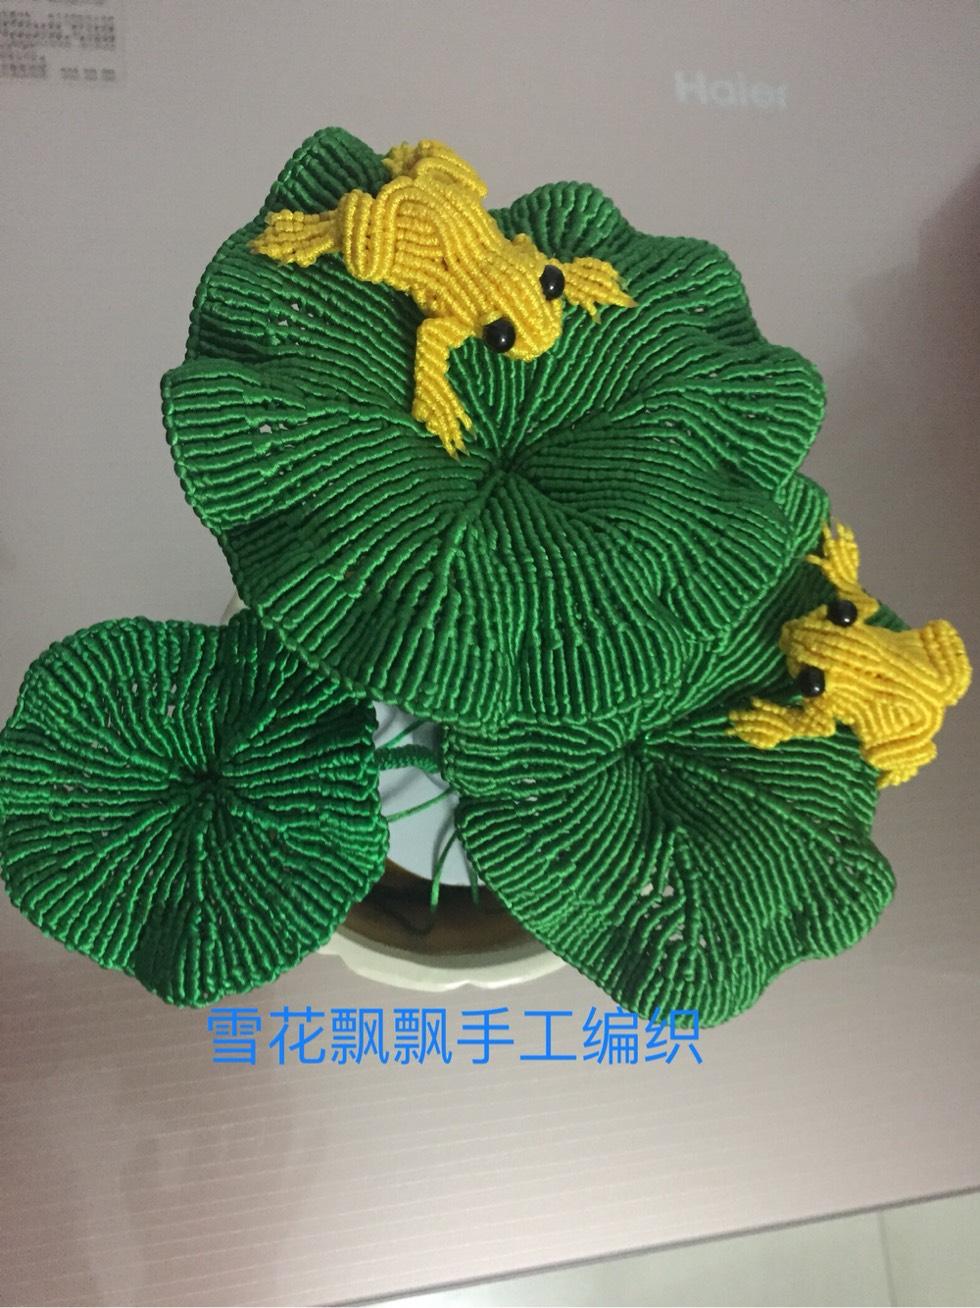 中国结论坛 自己创编的荷叶 荷叶,创编,自己 作品展示 000519z3noro3rdzo31xom